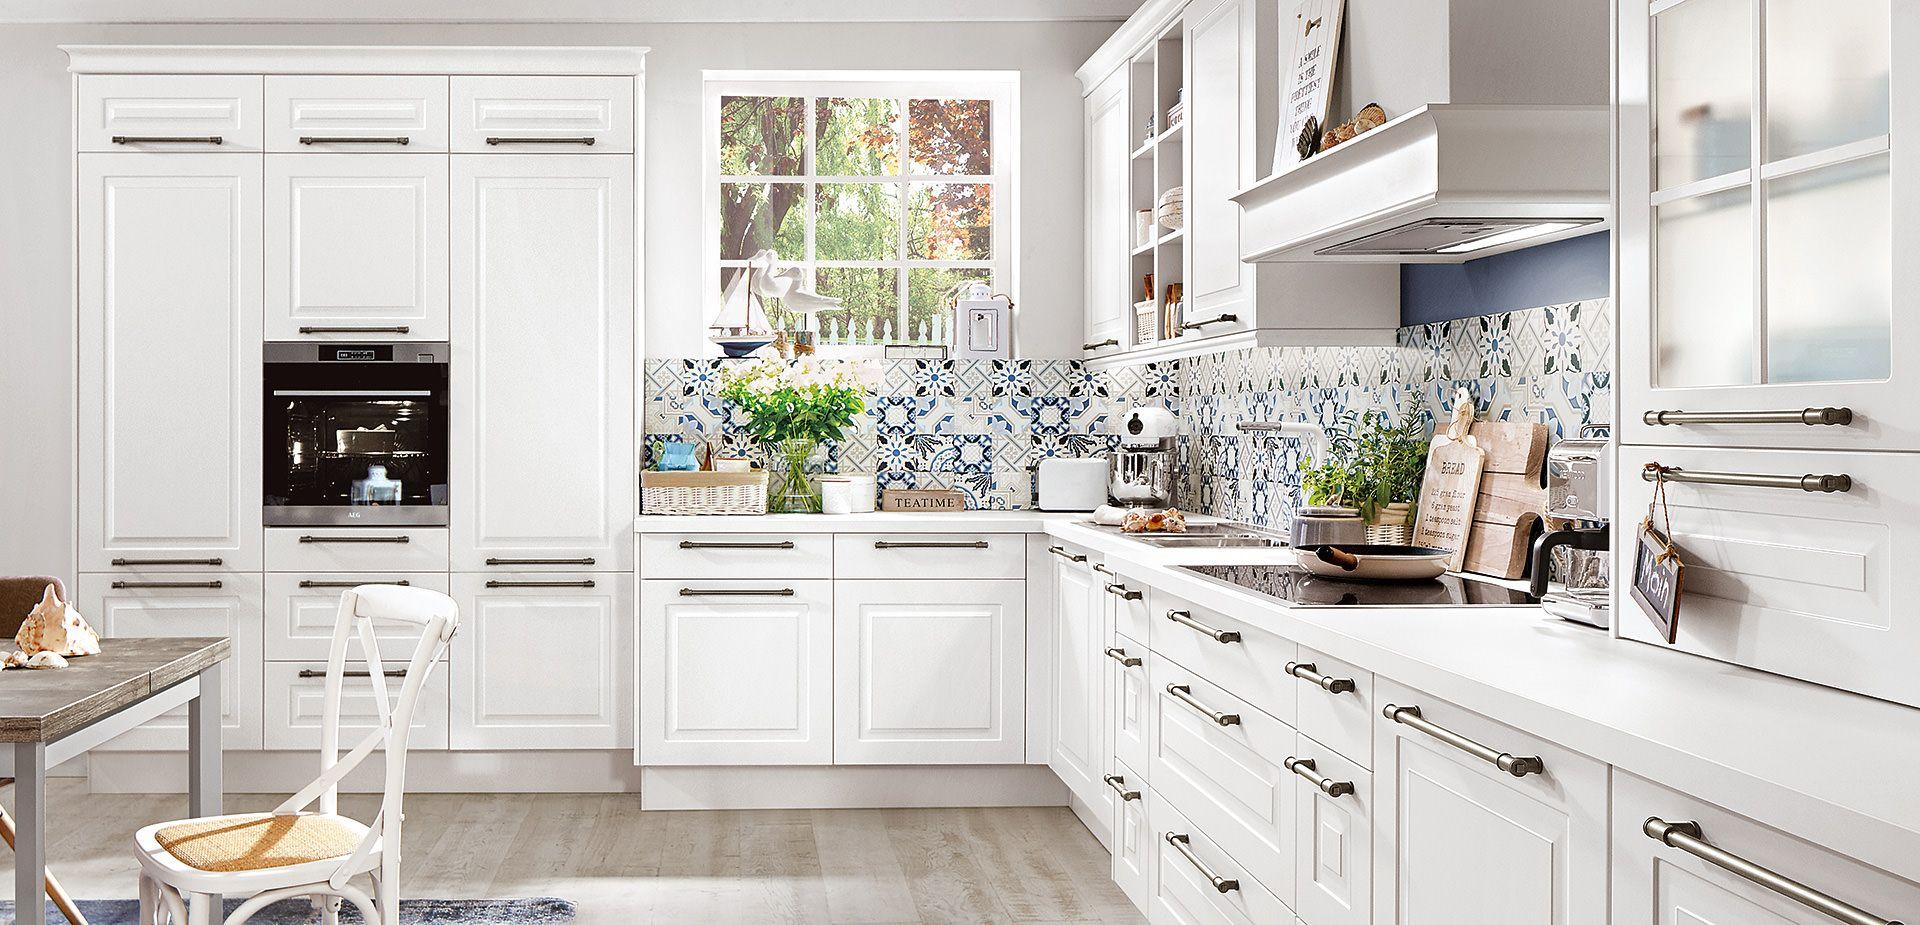 Top Ihre perfekte Küche: Landhaus in L-Form | Küchen Ideen in 2019 | L MT22